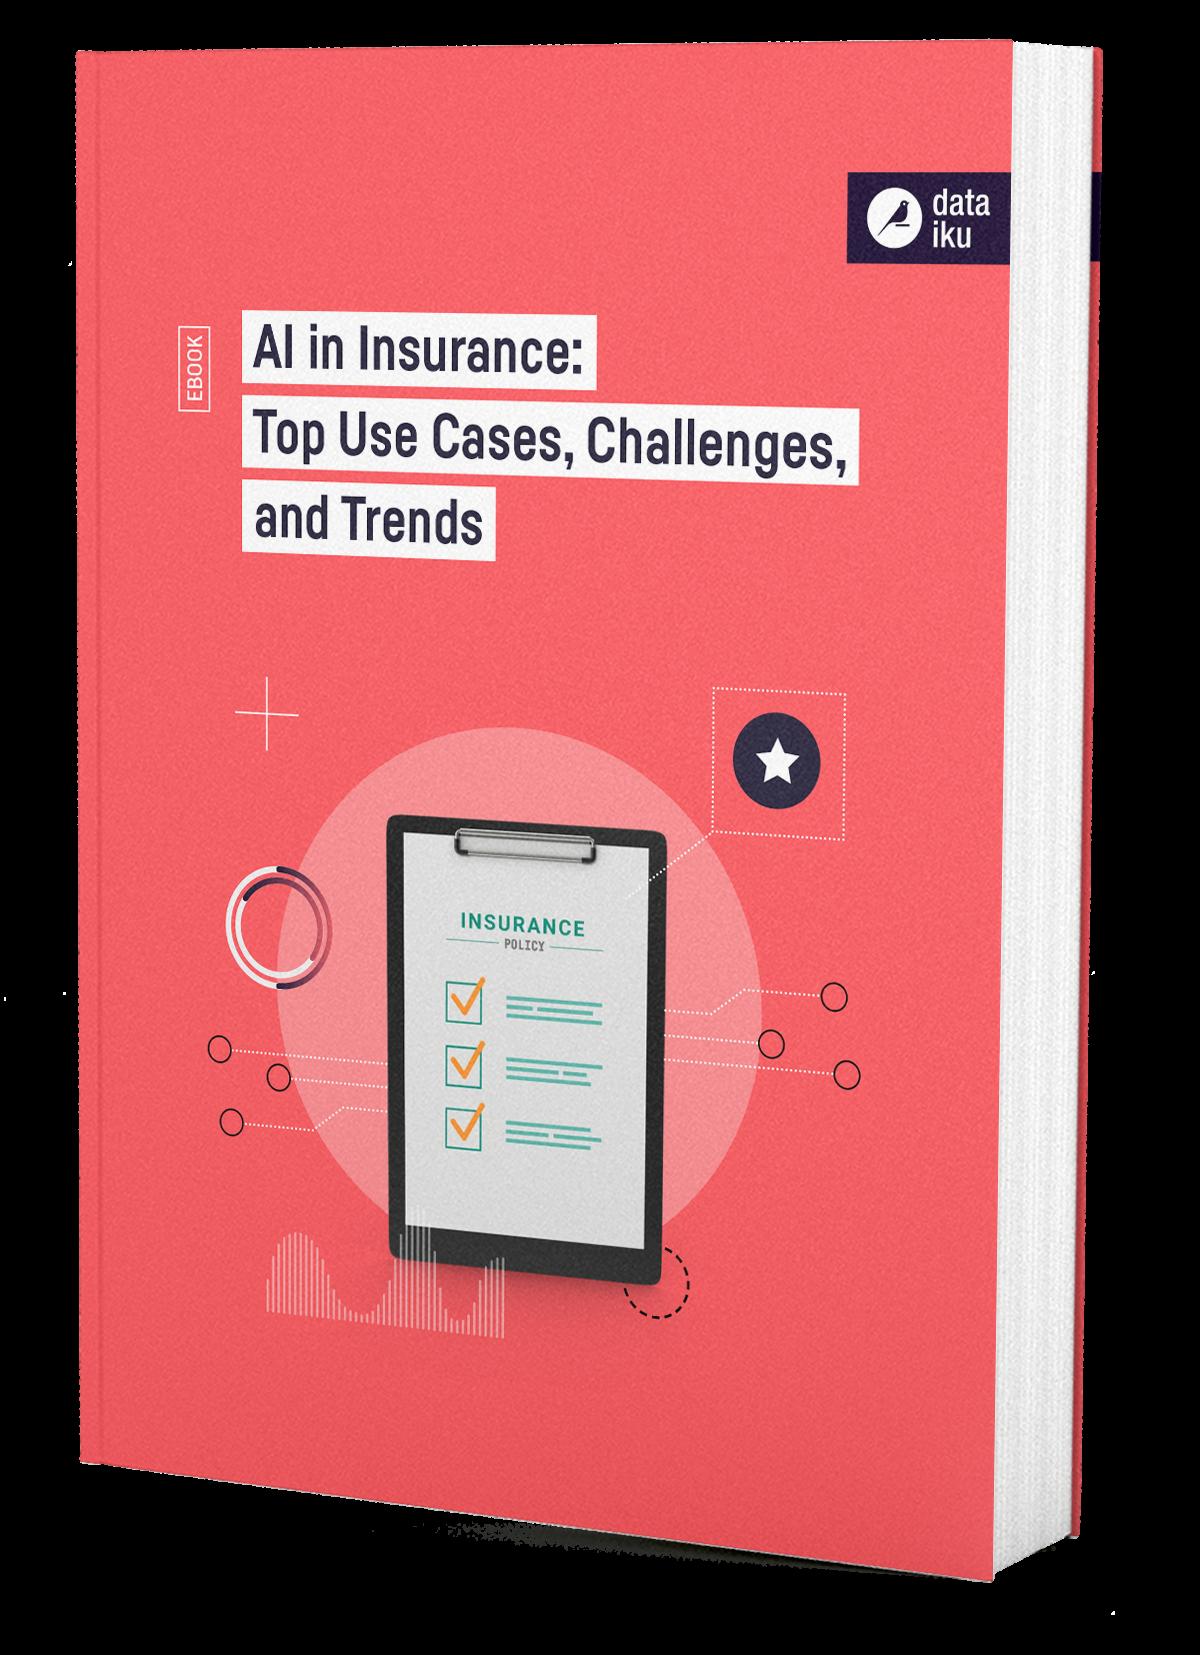 DTKU_Ai-In-Insurance_Ebook_WEB